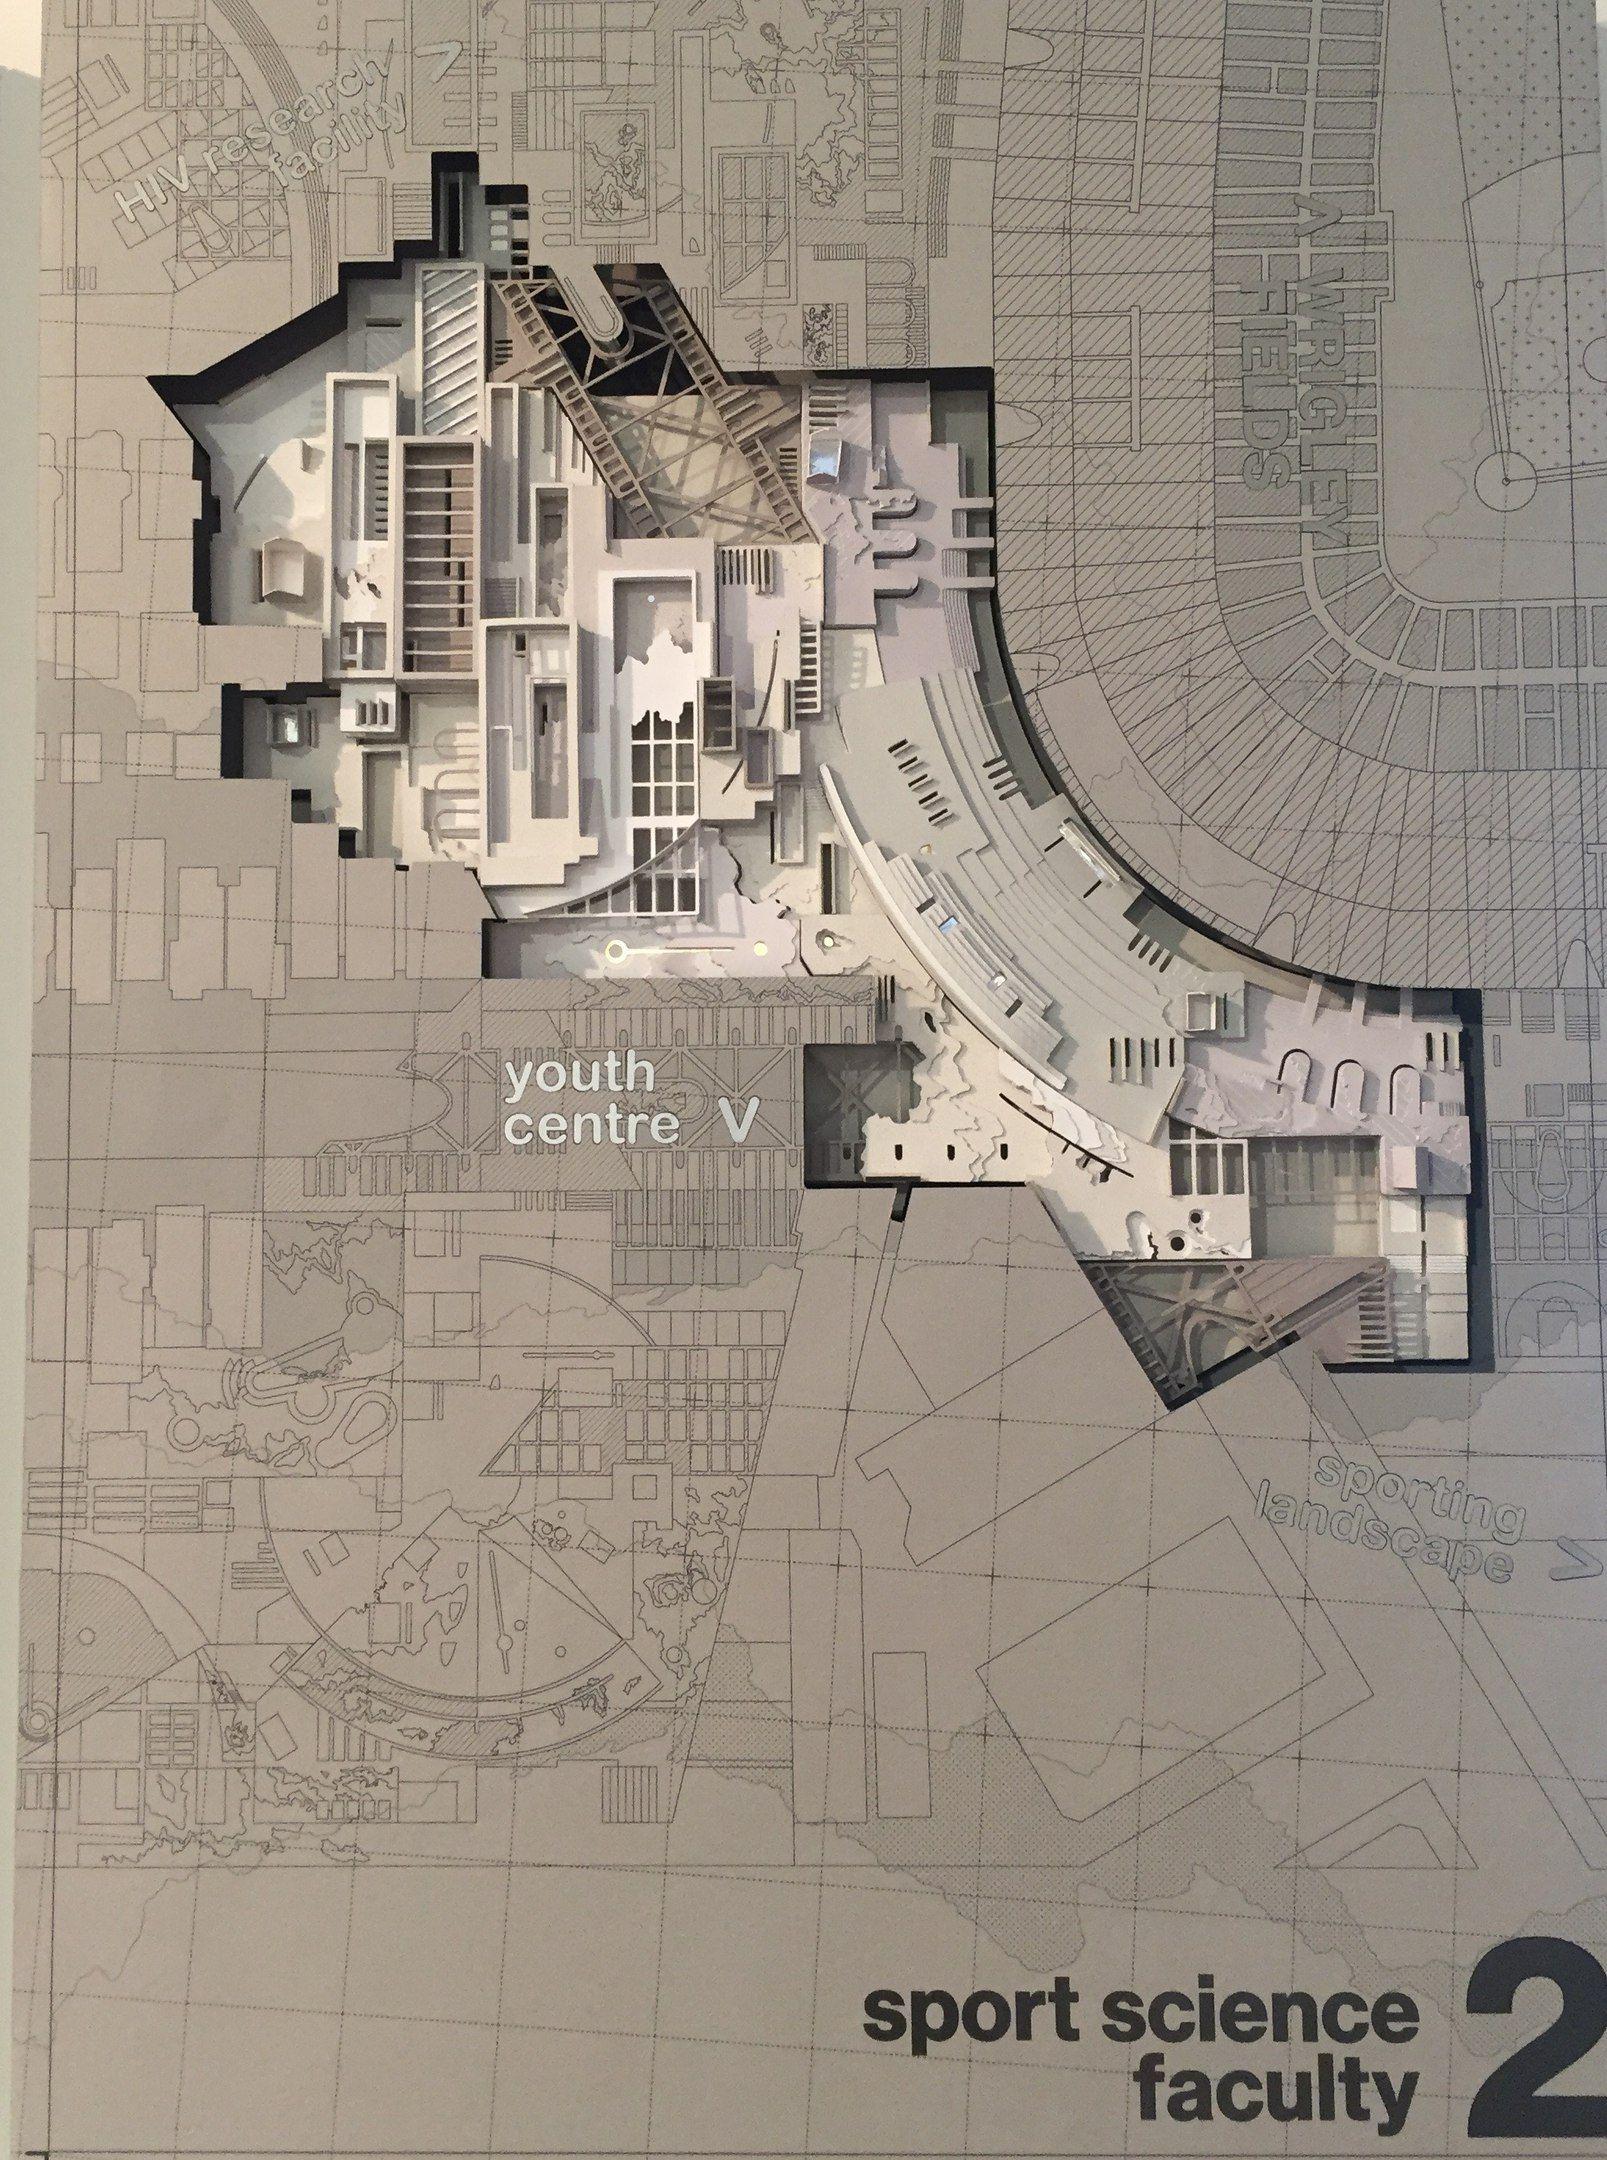 Perfect Architekturmodell, Broschüre Vorlage, Planer Ideen, Modellbau,  Architekturzeichnungen, Architektur Visualisierung, Bachelorarbeit,  Landschaftsarchitektur, ...